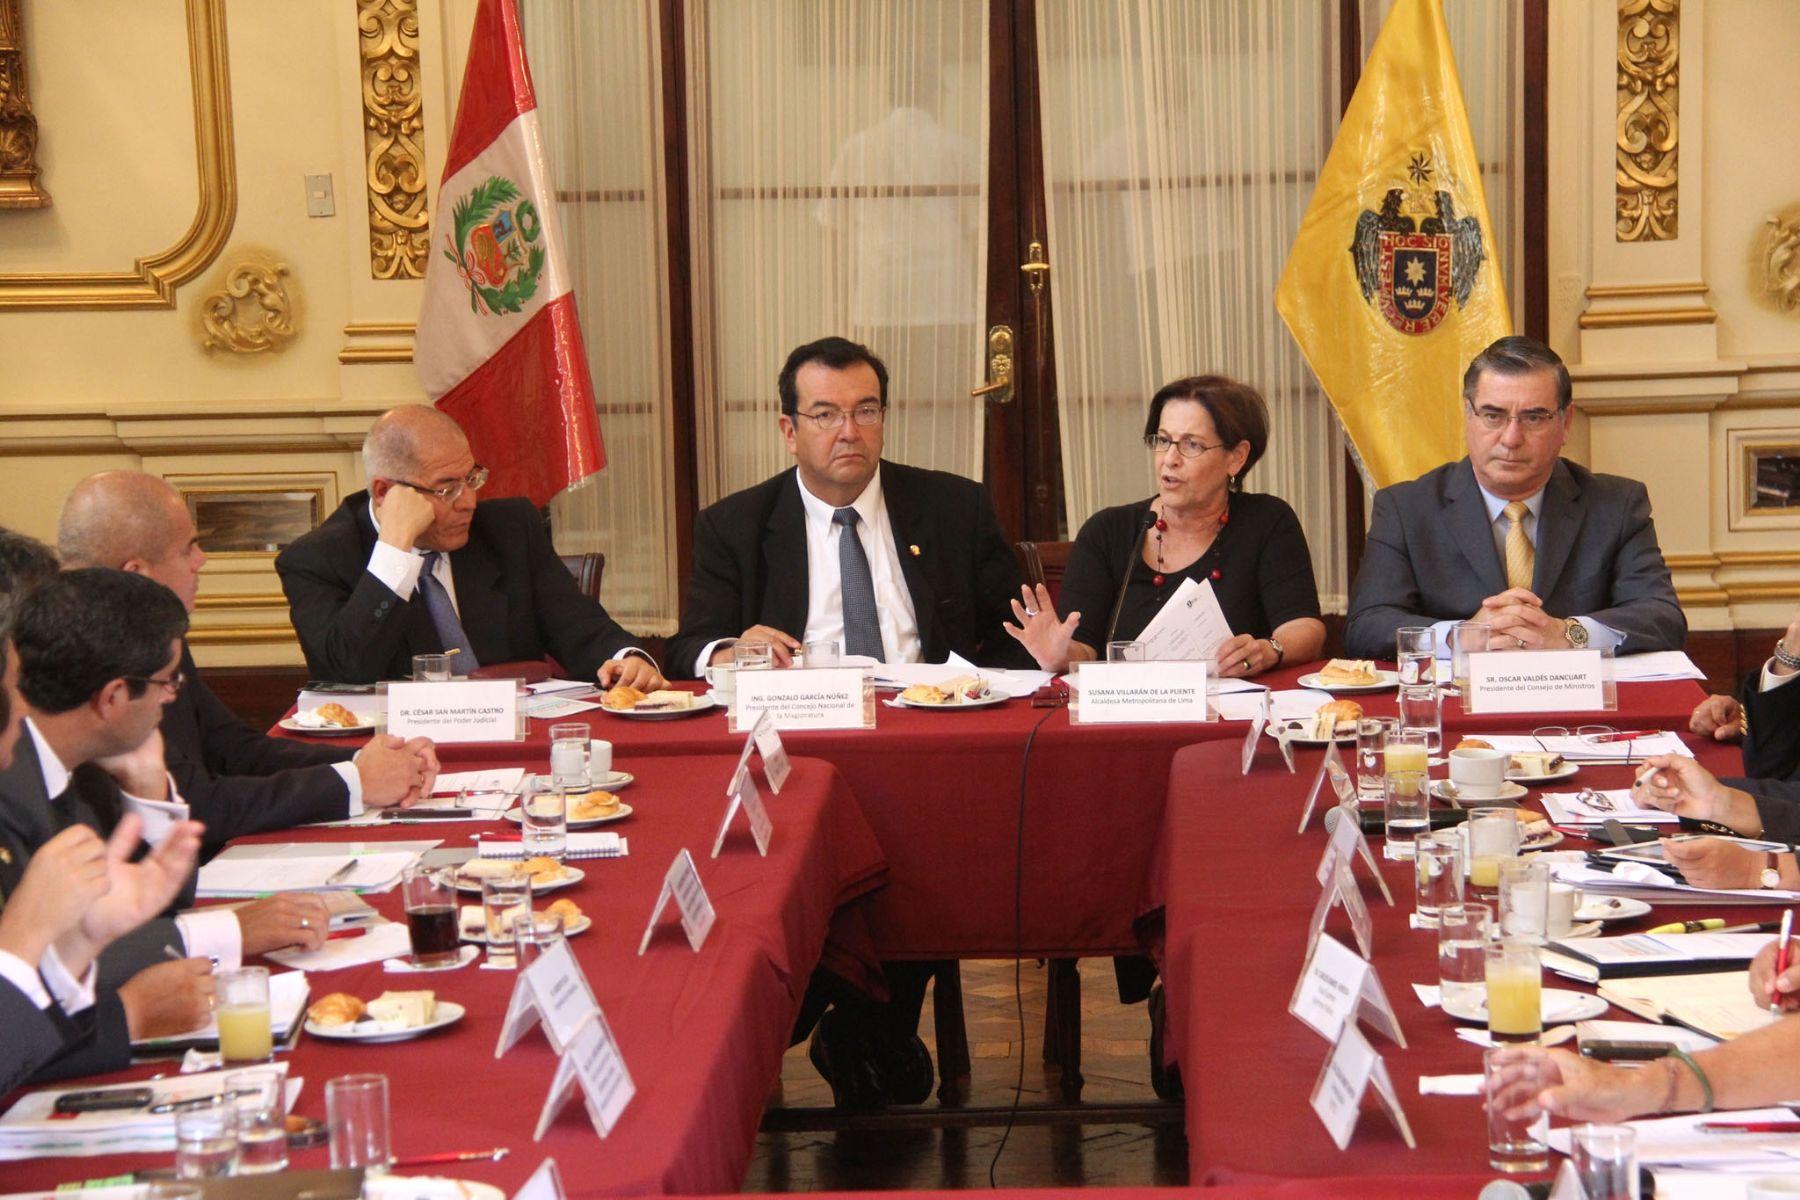 Alcaldesa Susana Villarán participa en la undécima sesión de la Comisión de Alto Nivel Anticorrupción. Fotos: ANDINA/Municipalidad de Lima.